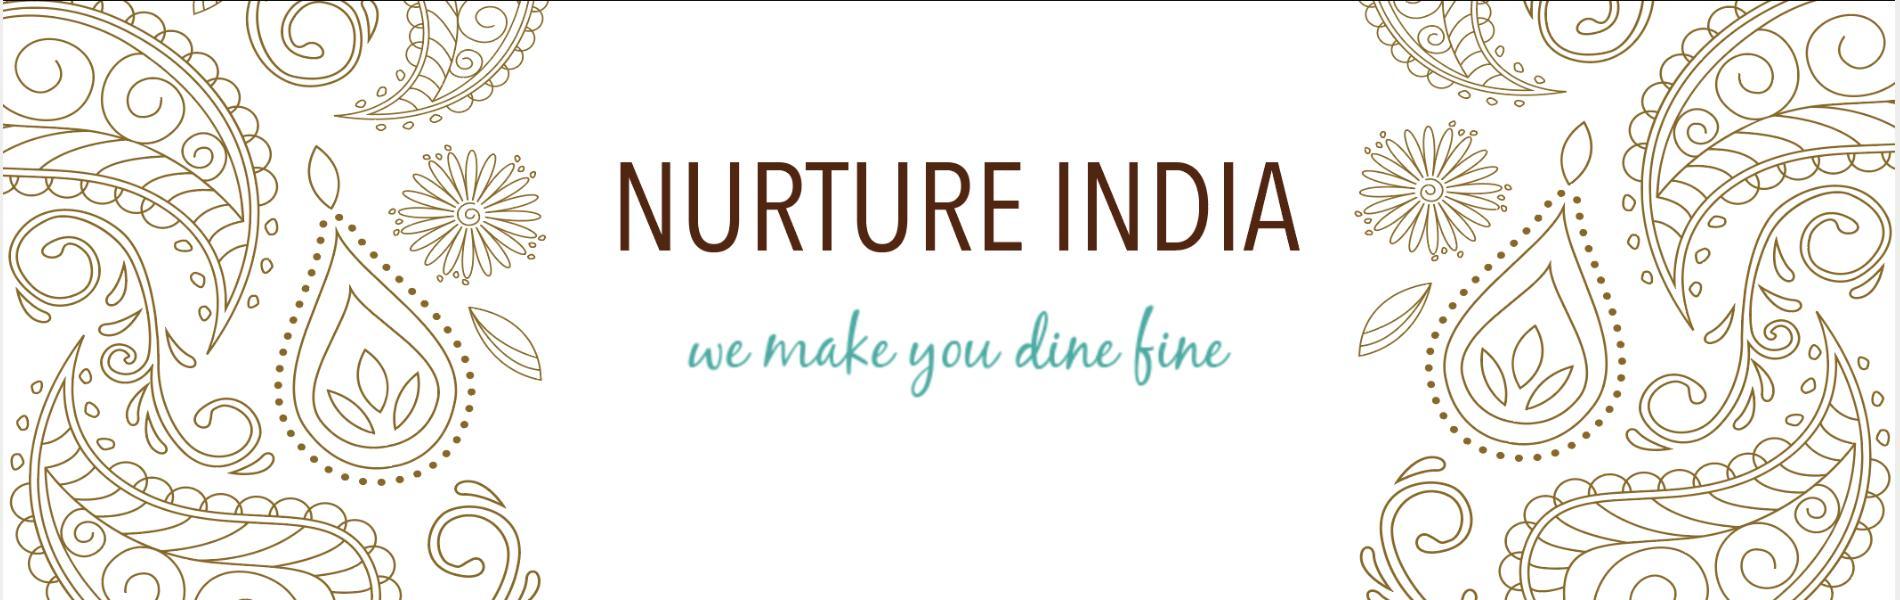 Nurture India